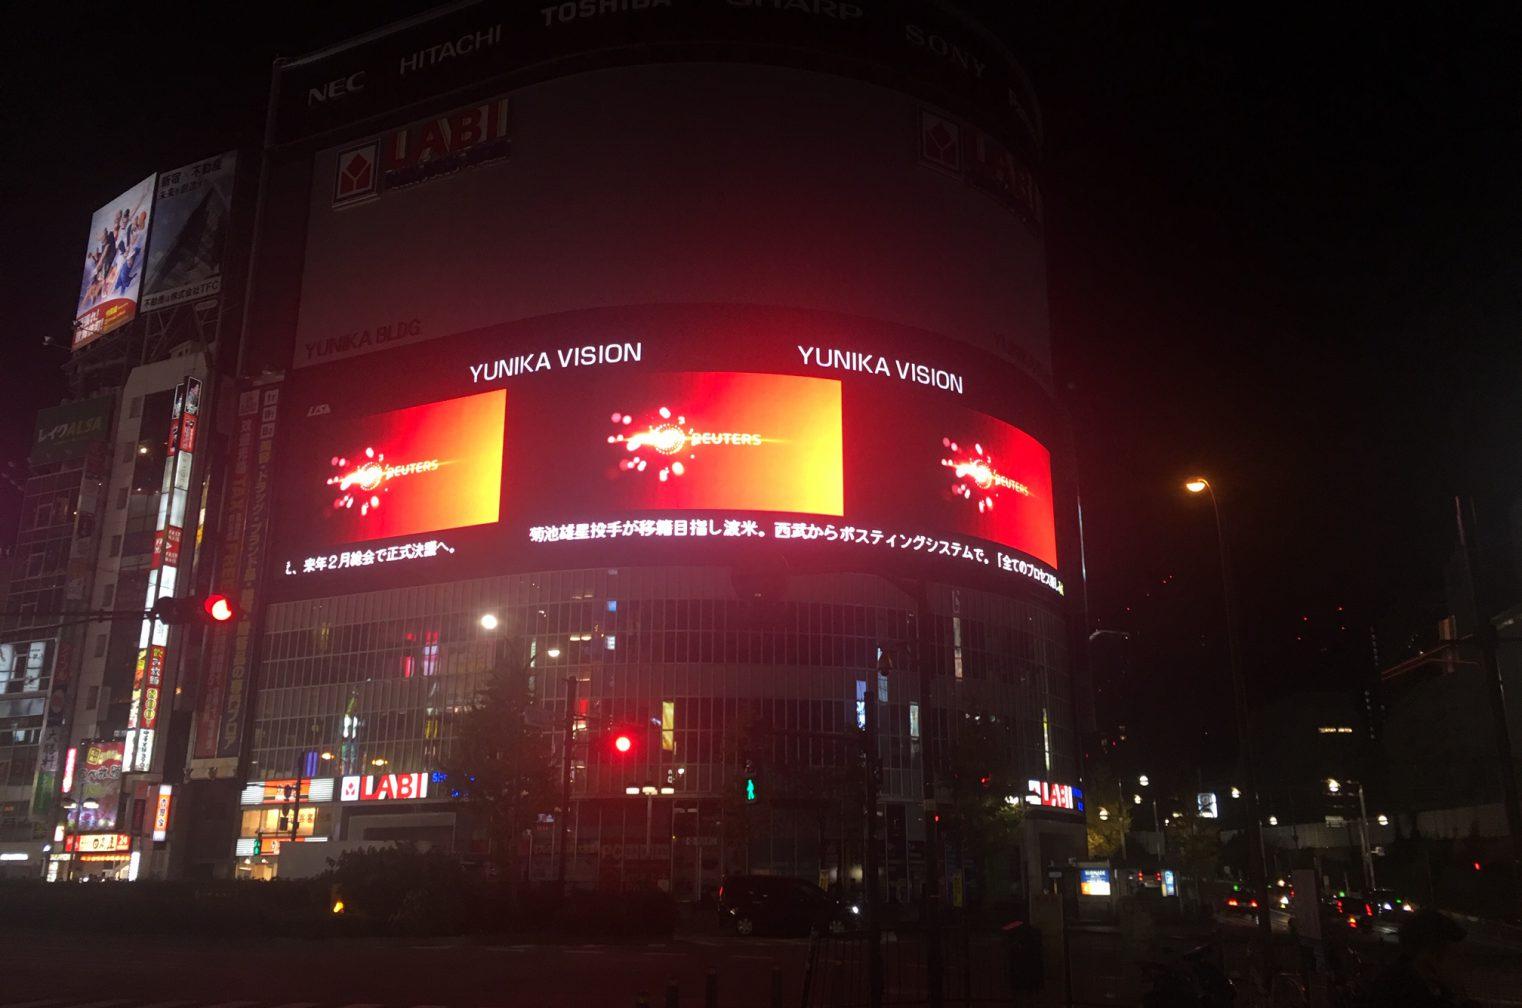 西武新宿駅前「ユニカビジョン」がスマホと連動